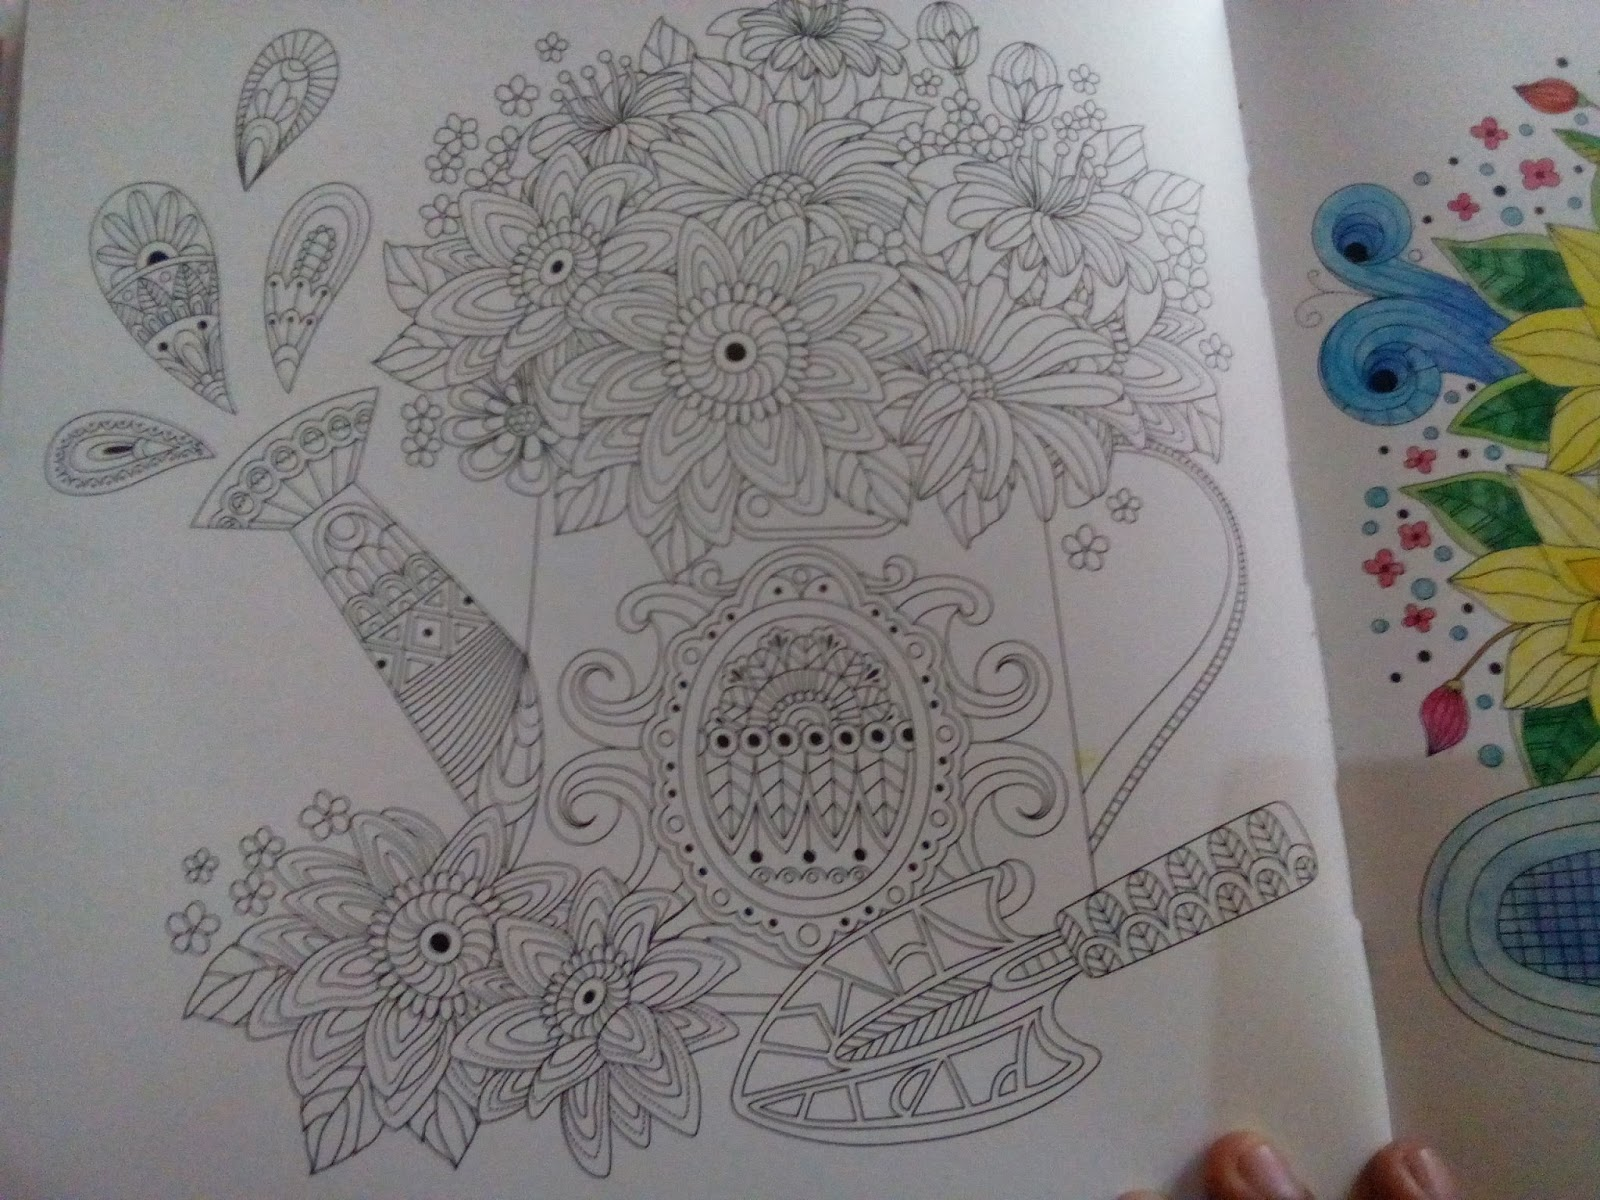 Kertas Yang Digunakan Pada Buku Ini Cukup Baik Saya Masih Bisa Menggunakan Water Color Di Atasnya